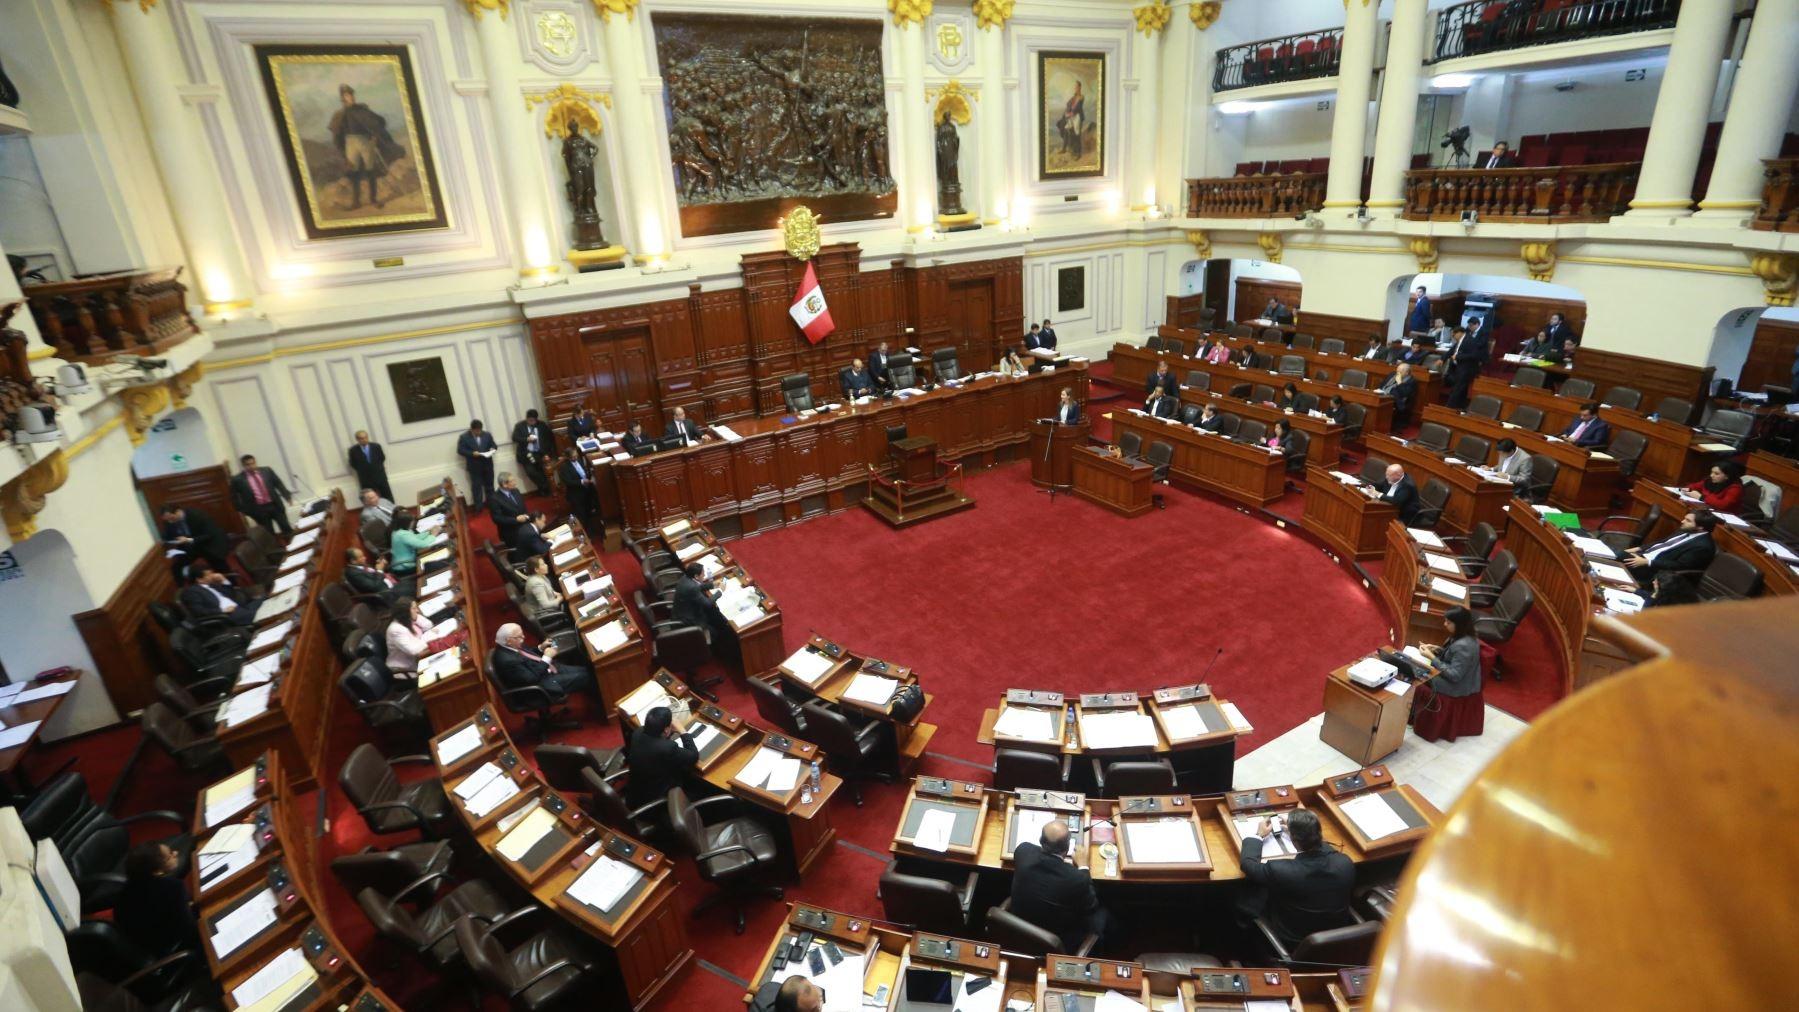 Los parlamentarios Kenji Fujimori, Bienvenido Ramírez y Guillermo Bocángel fueron suspendidos del Congreso tras varias horas de debate.